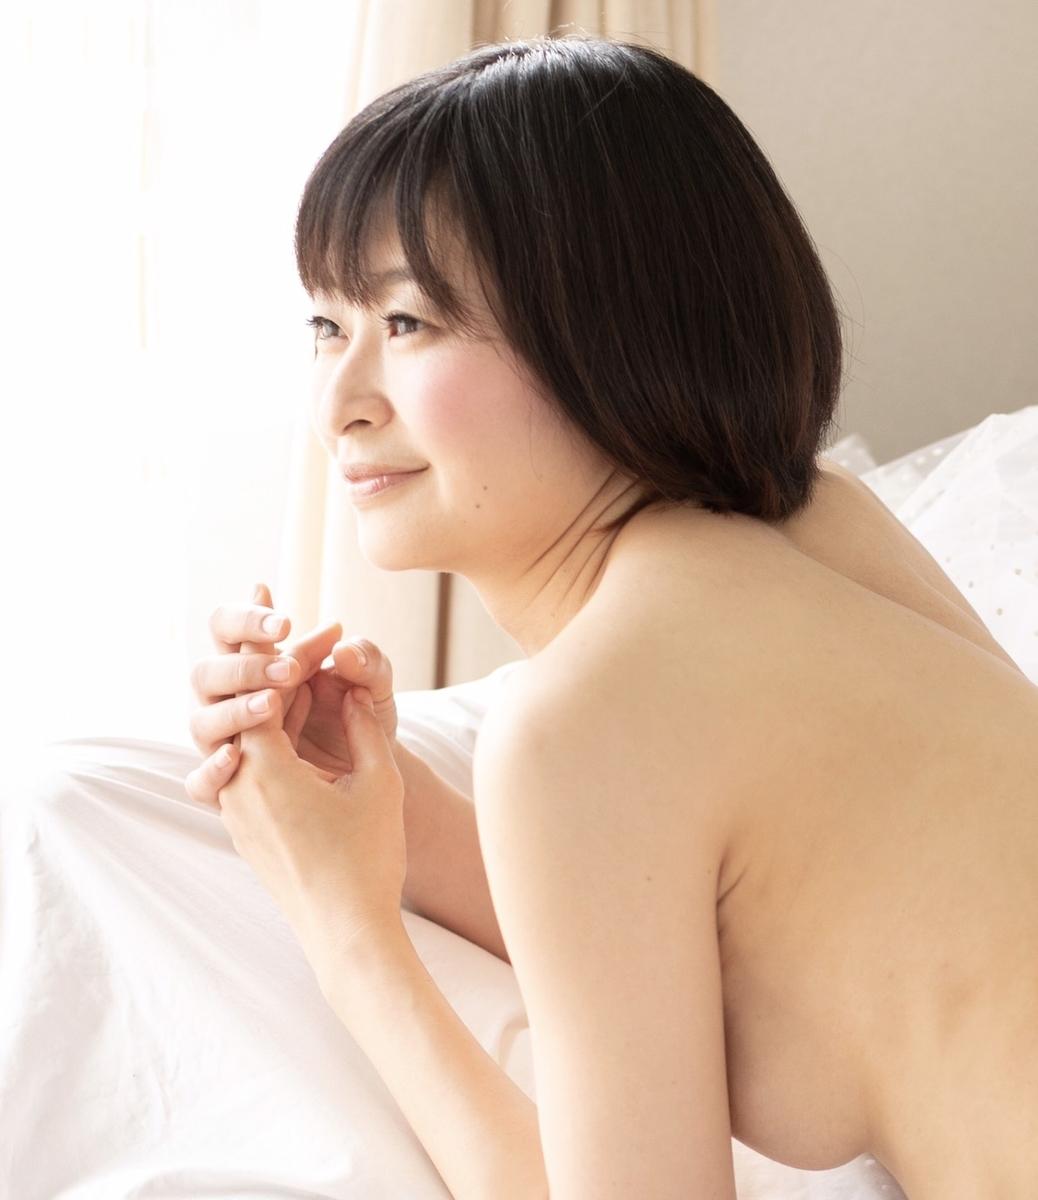 f:id:ChiakiPhoto:20190622113100j:plain